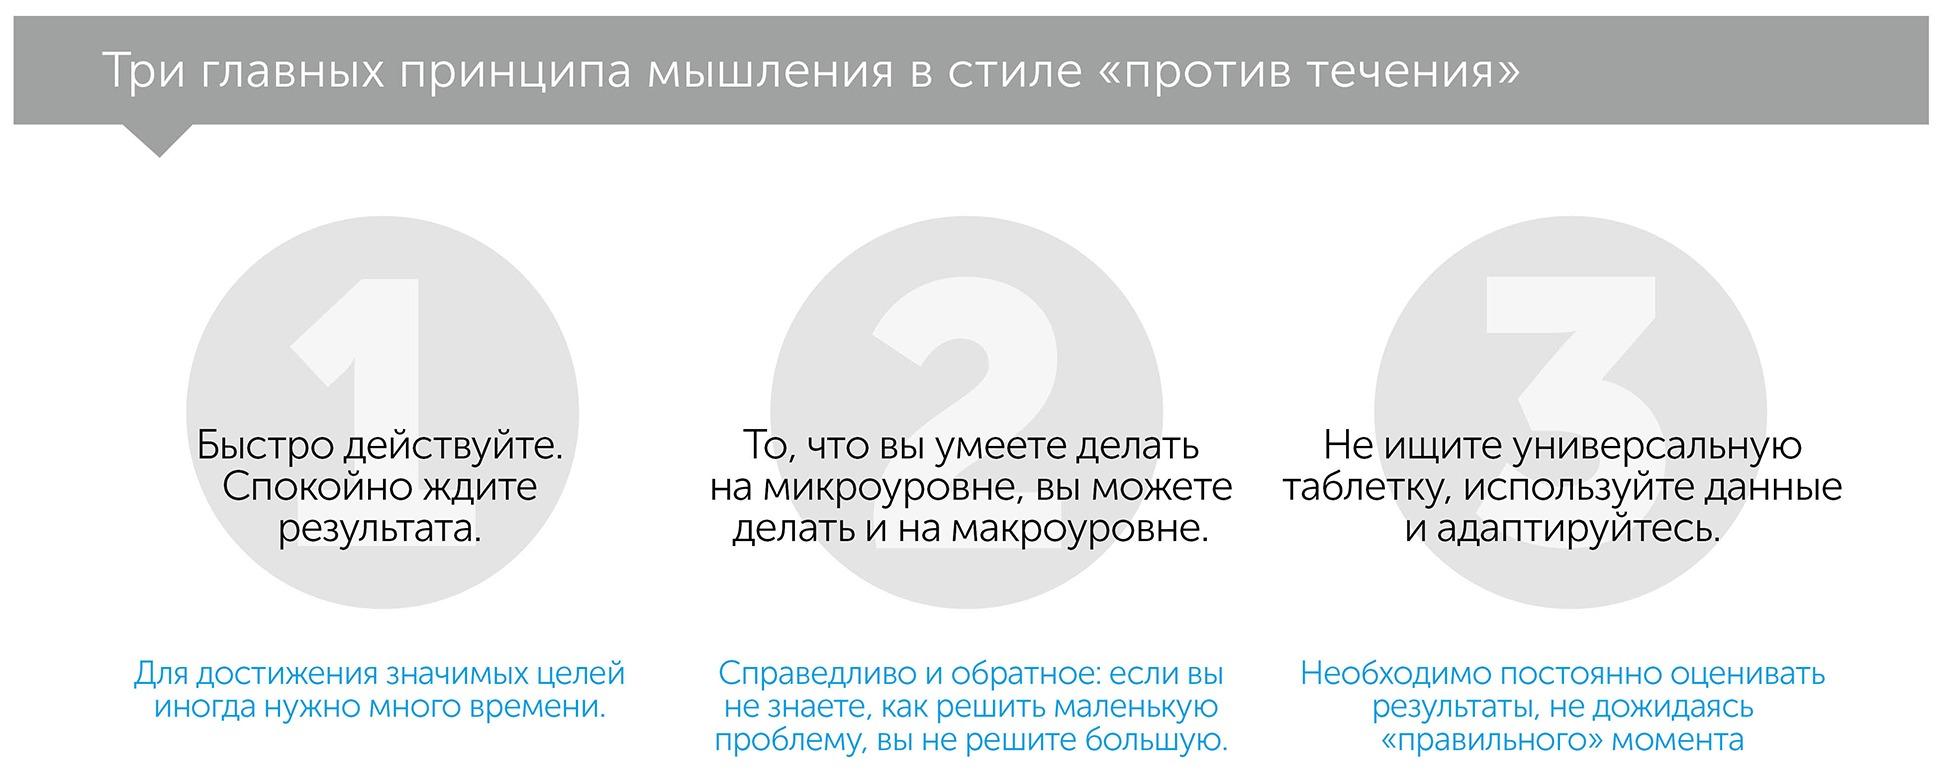 Против течения, author Дэн Хит | Kyivstar Business Hub, image №4